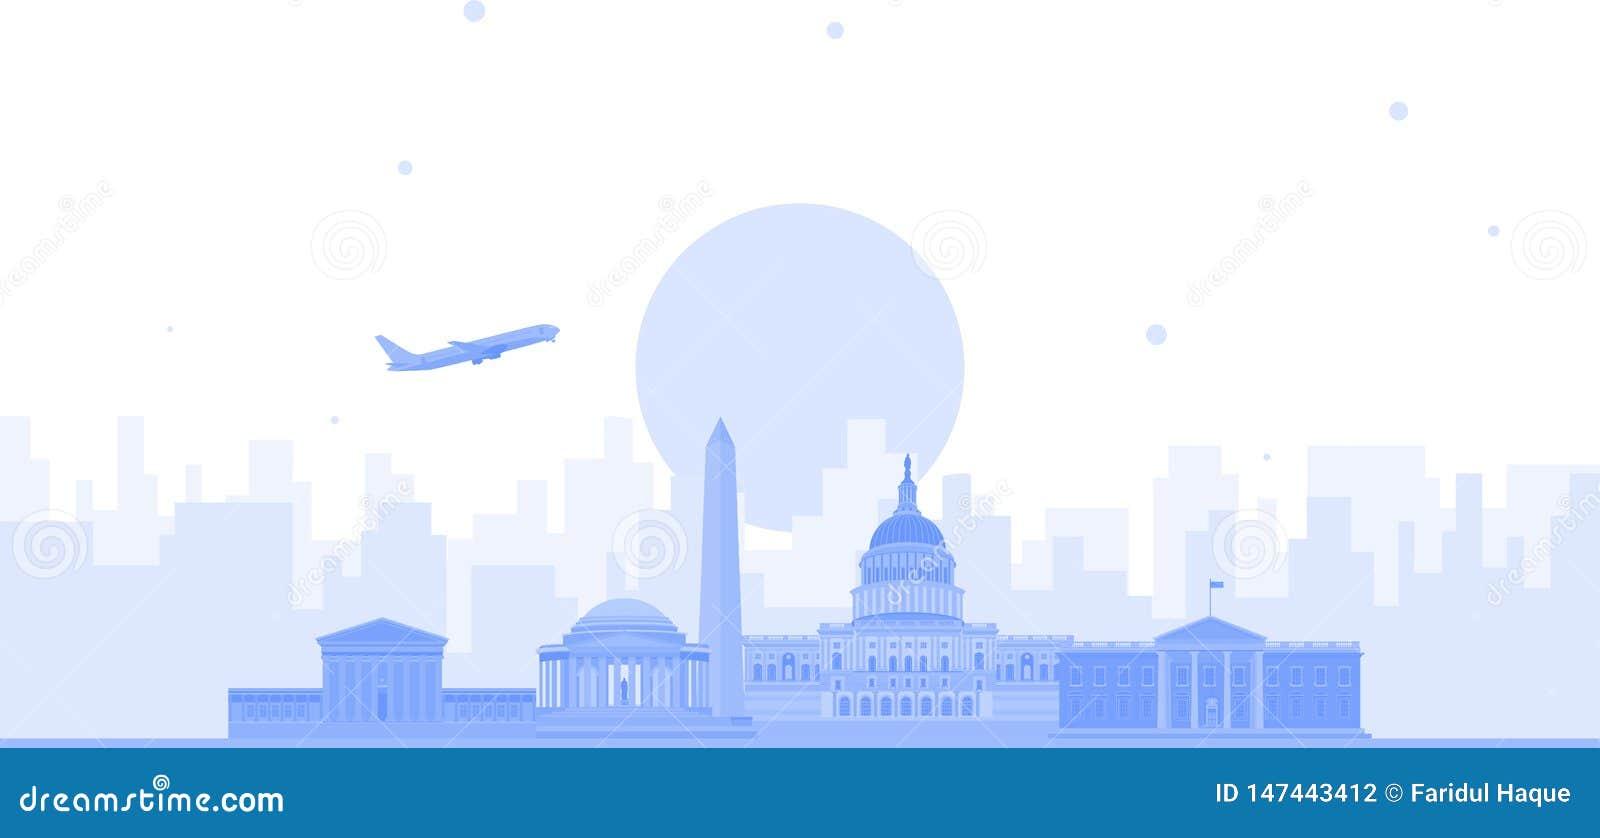 Διανυσματικό υπόβαθρο οριζόντων πόλεων της Ουάσιγκτον Επίπεδη καθιερώνουσα τη μόδα απεικόνιση